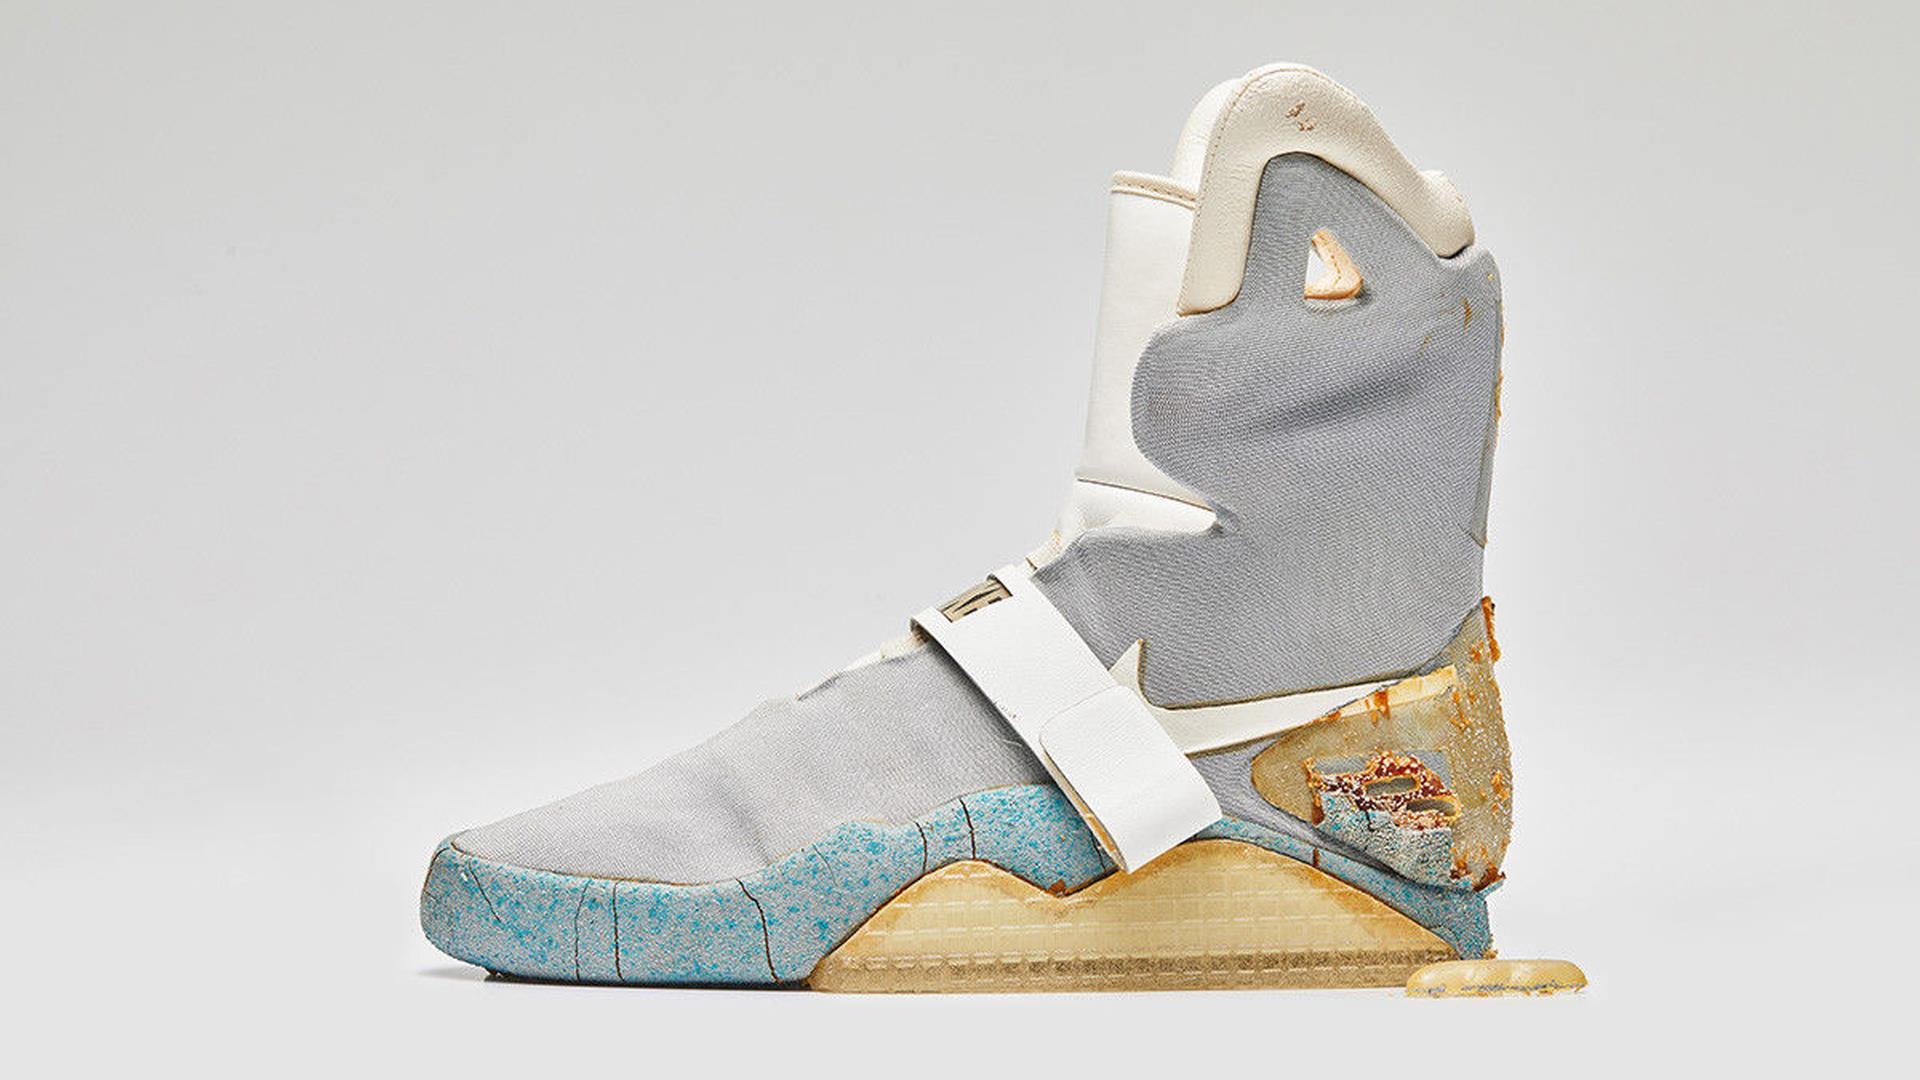 Le scarpe originali di Ritorno al Futuro si stanno disintegrando